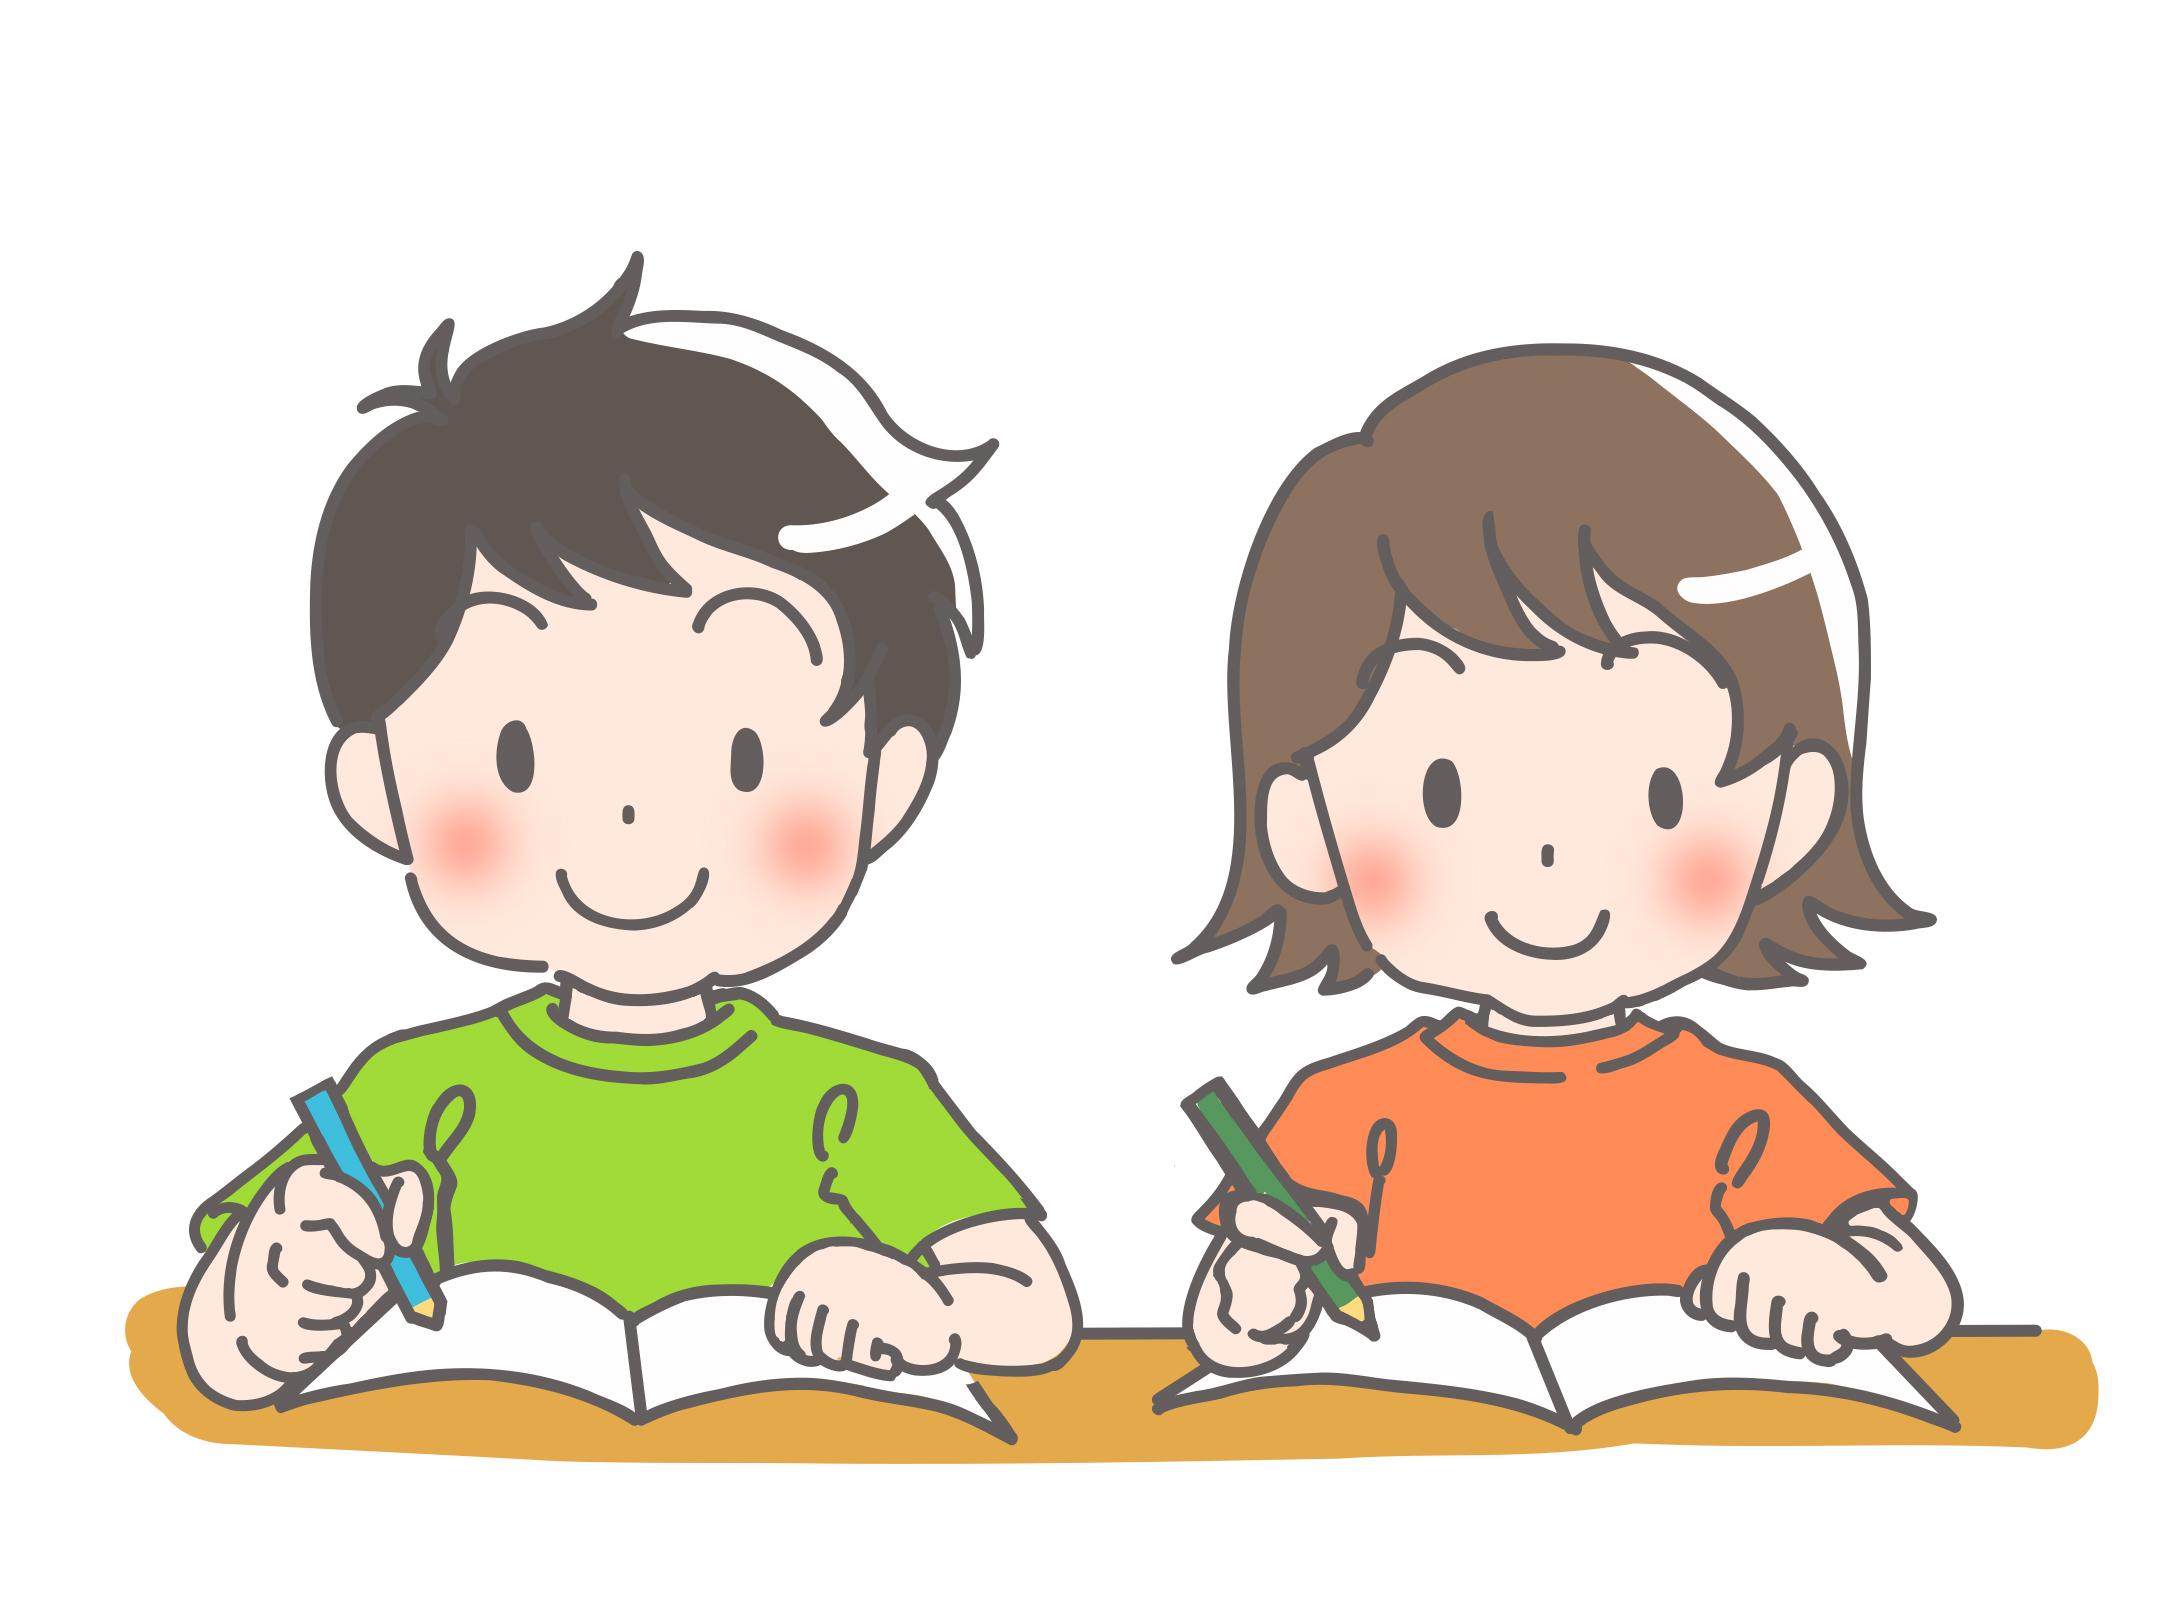 効率のよい勉強を身につけ成果へとつなげよう